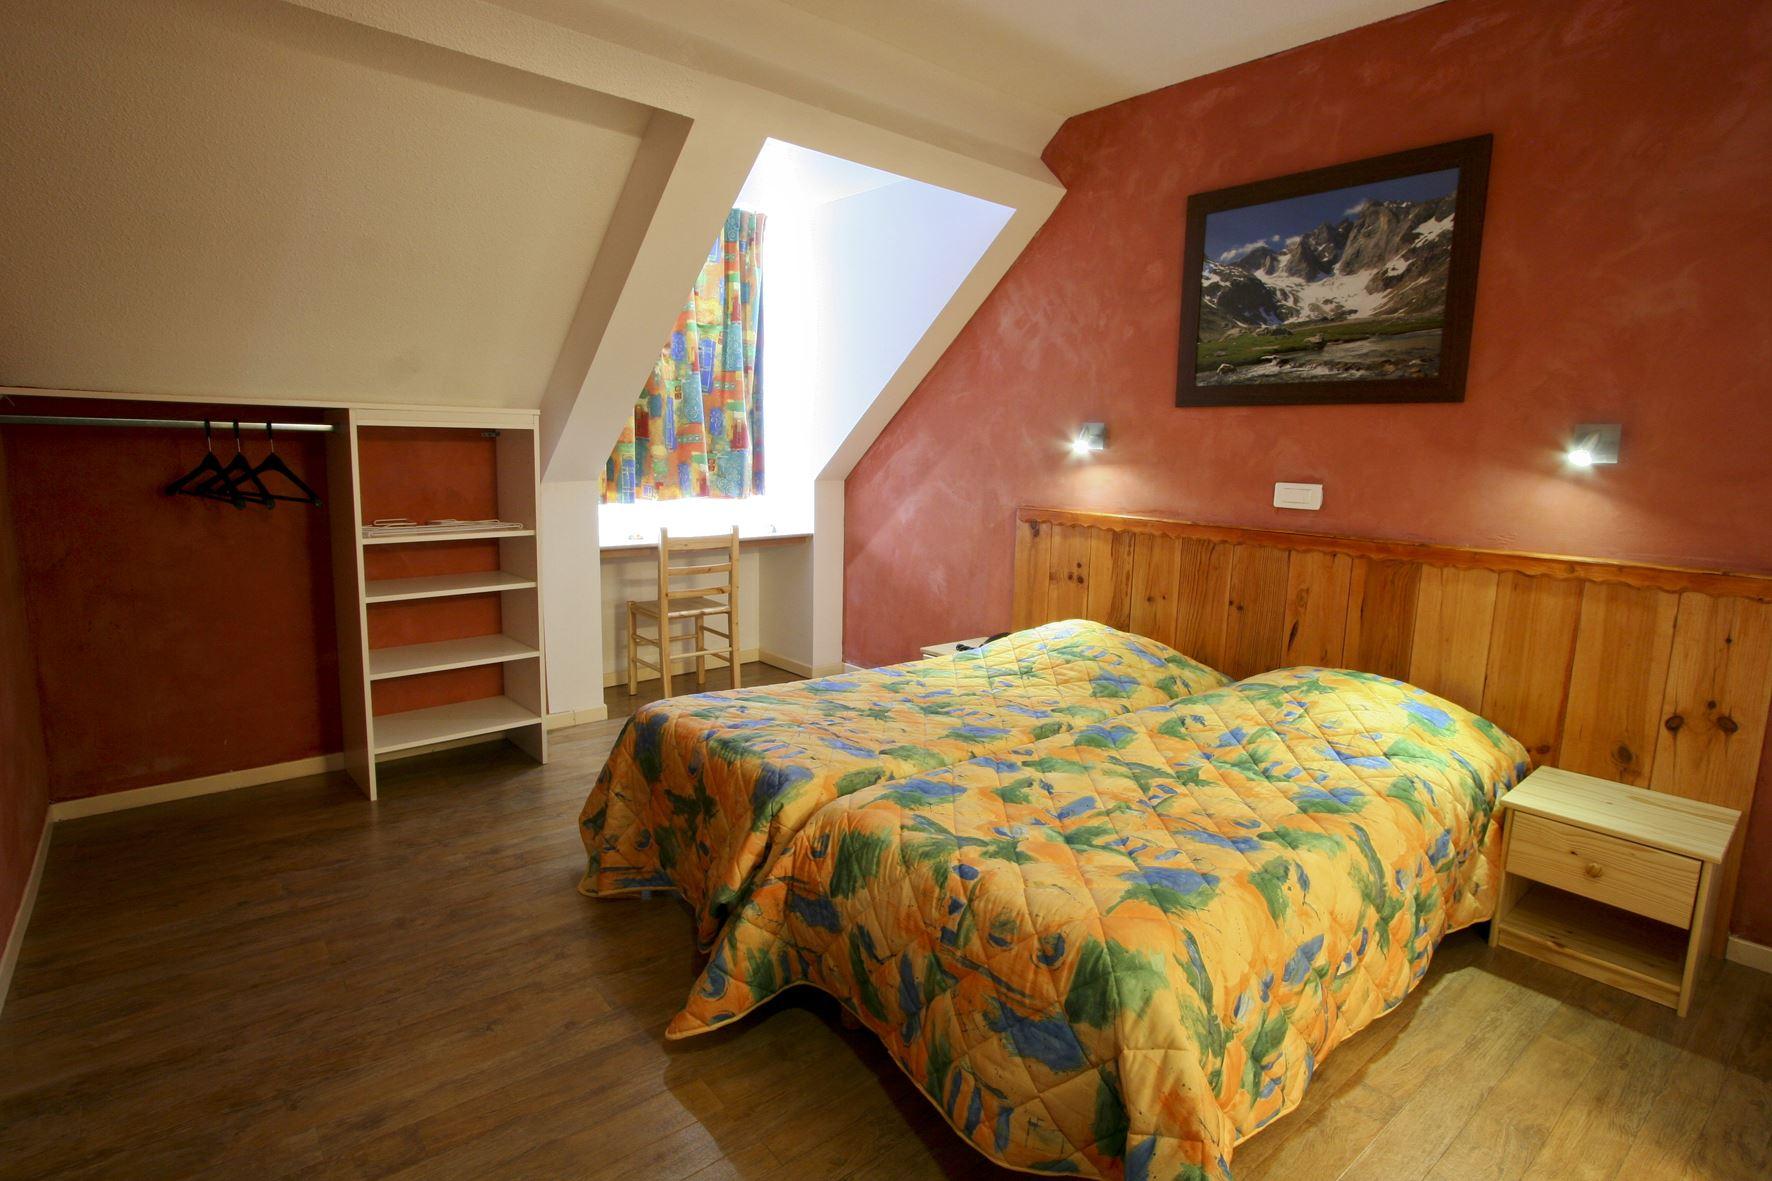 HPCV4 - Village Vacances 3* à Cauterets - Chambre double